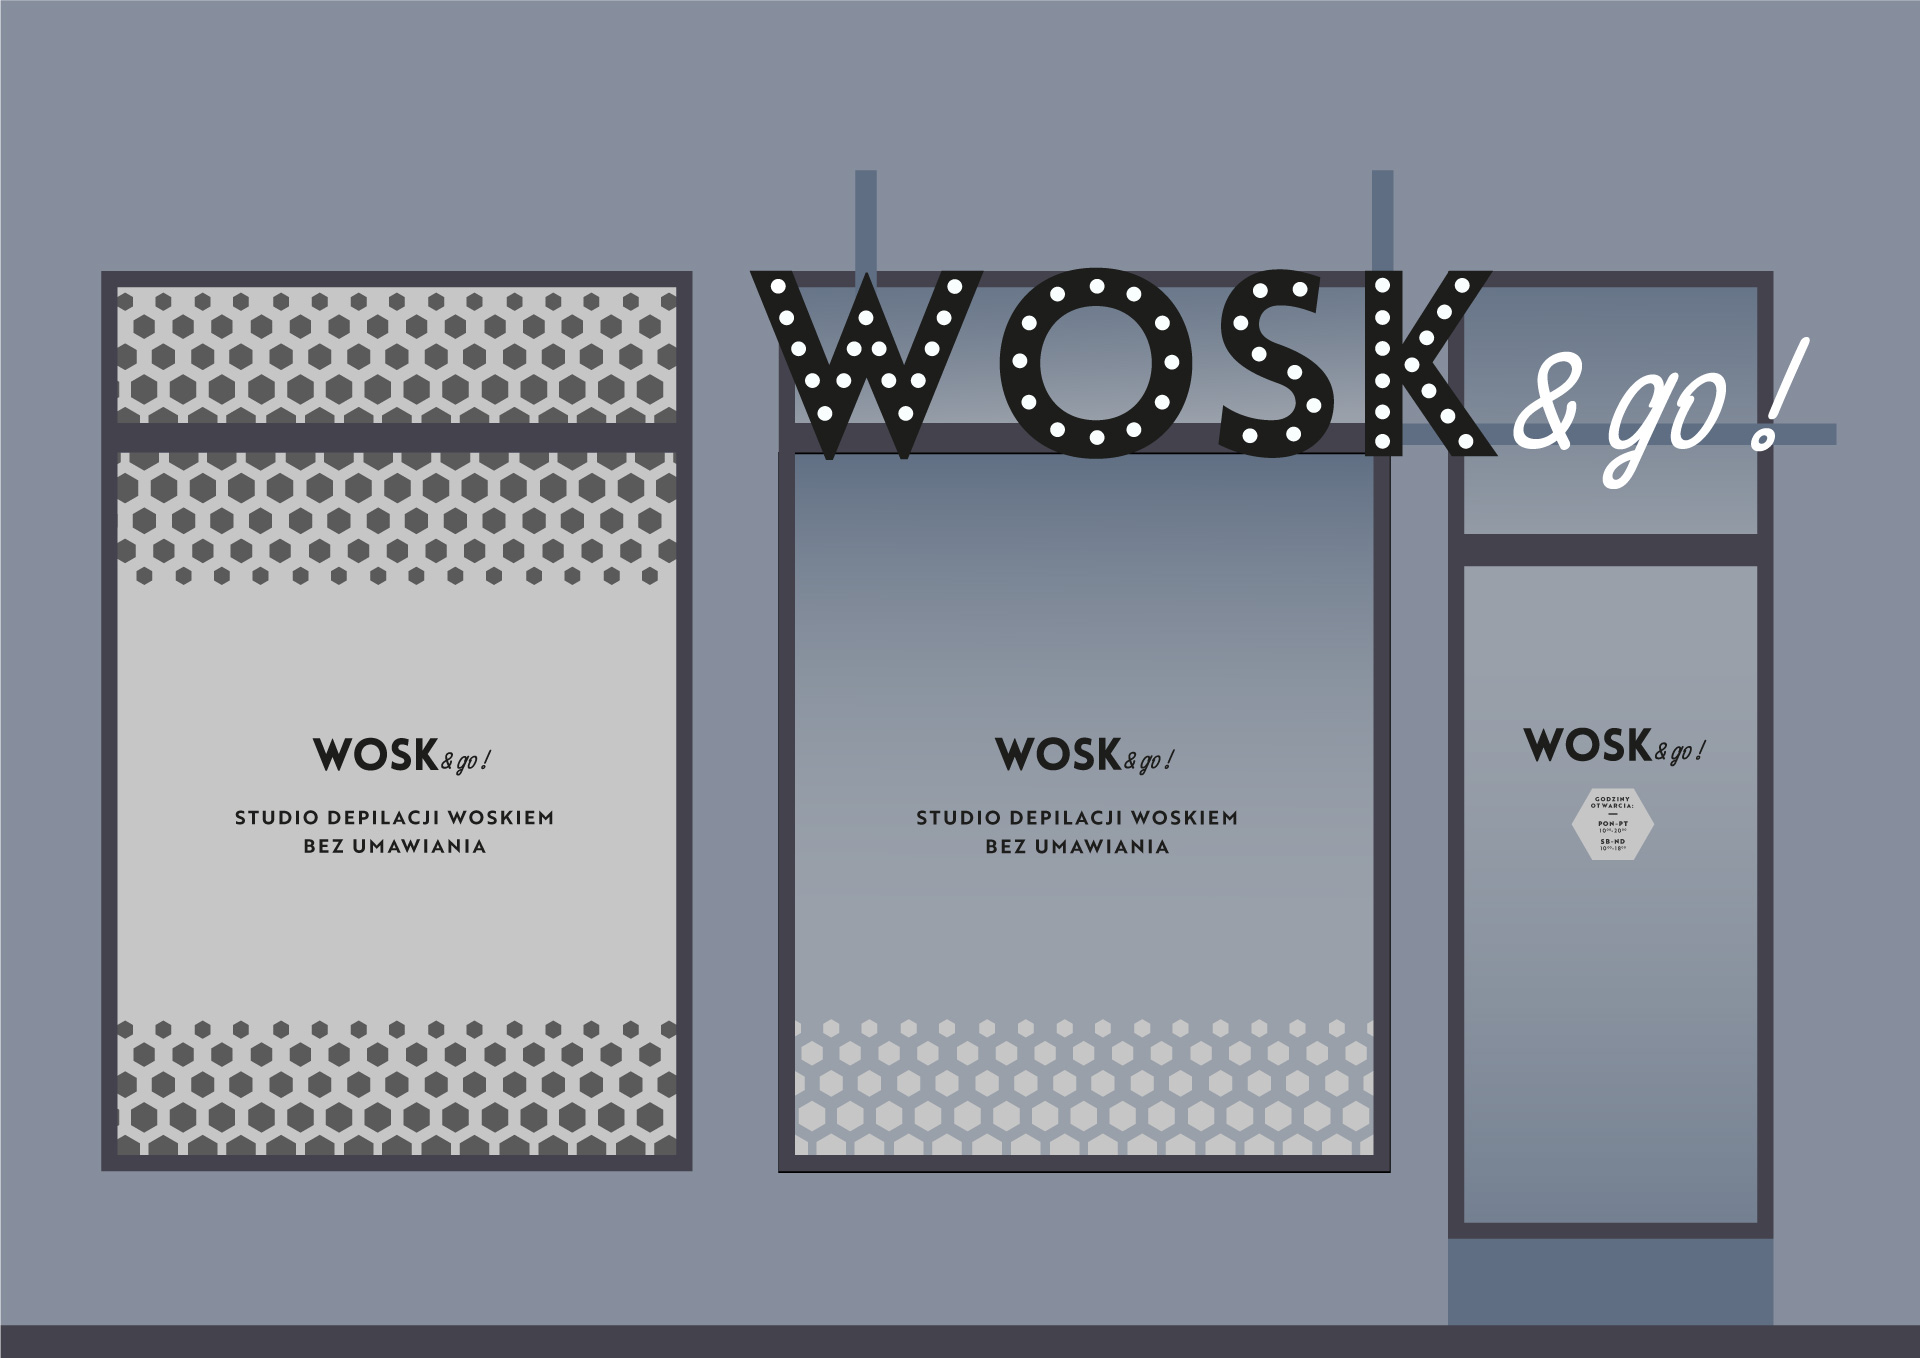 projekt oklejenia witryna Gdańsk studio graficzne